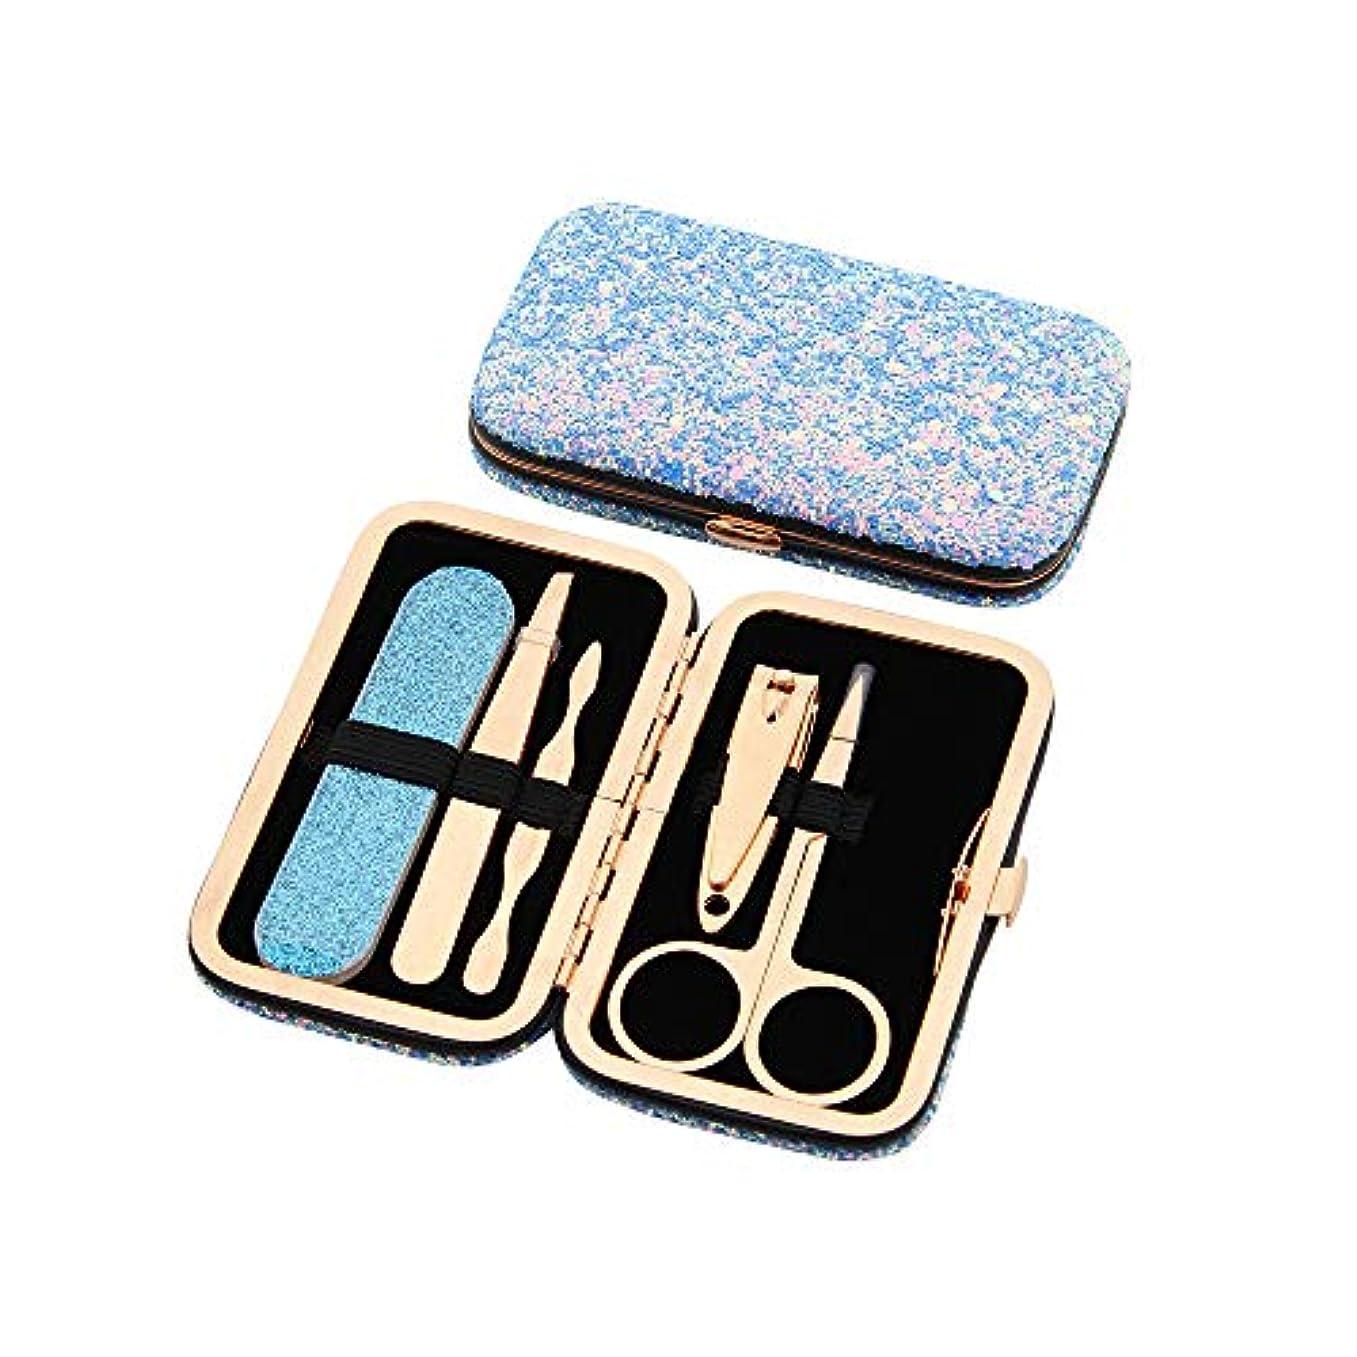 まばたき牧師目覚める爪切りセットファッション爪切りセット美容ネイルツールセット高級感溢れる収納ケース付き、ブルー、5点セット